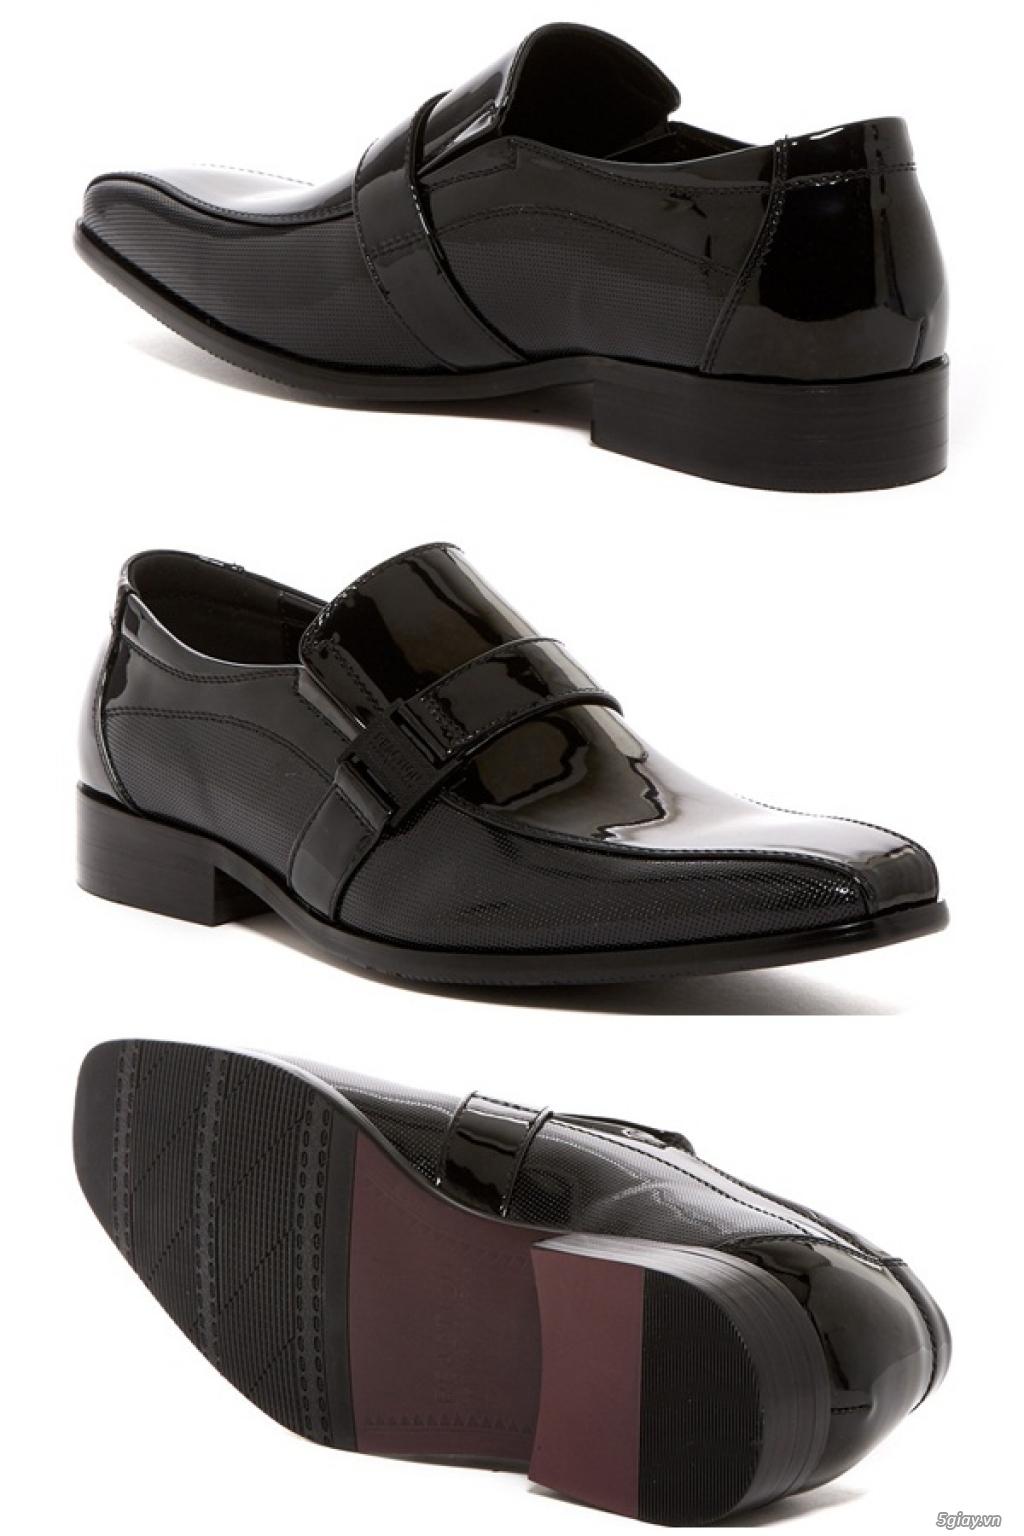 Giày dép hàng hiệu - xách tay 100% từ mỹ - 10